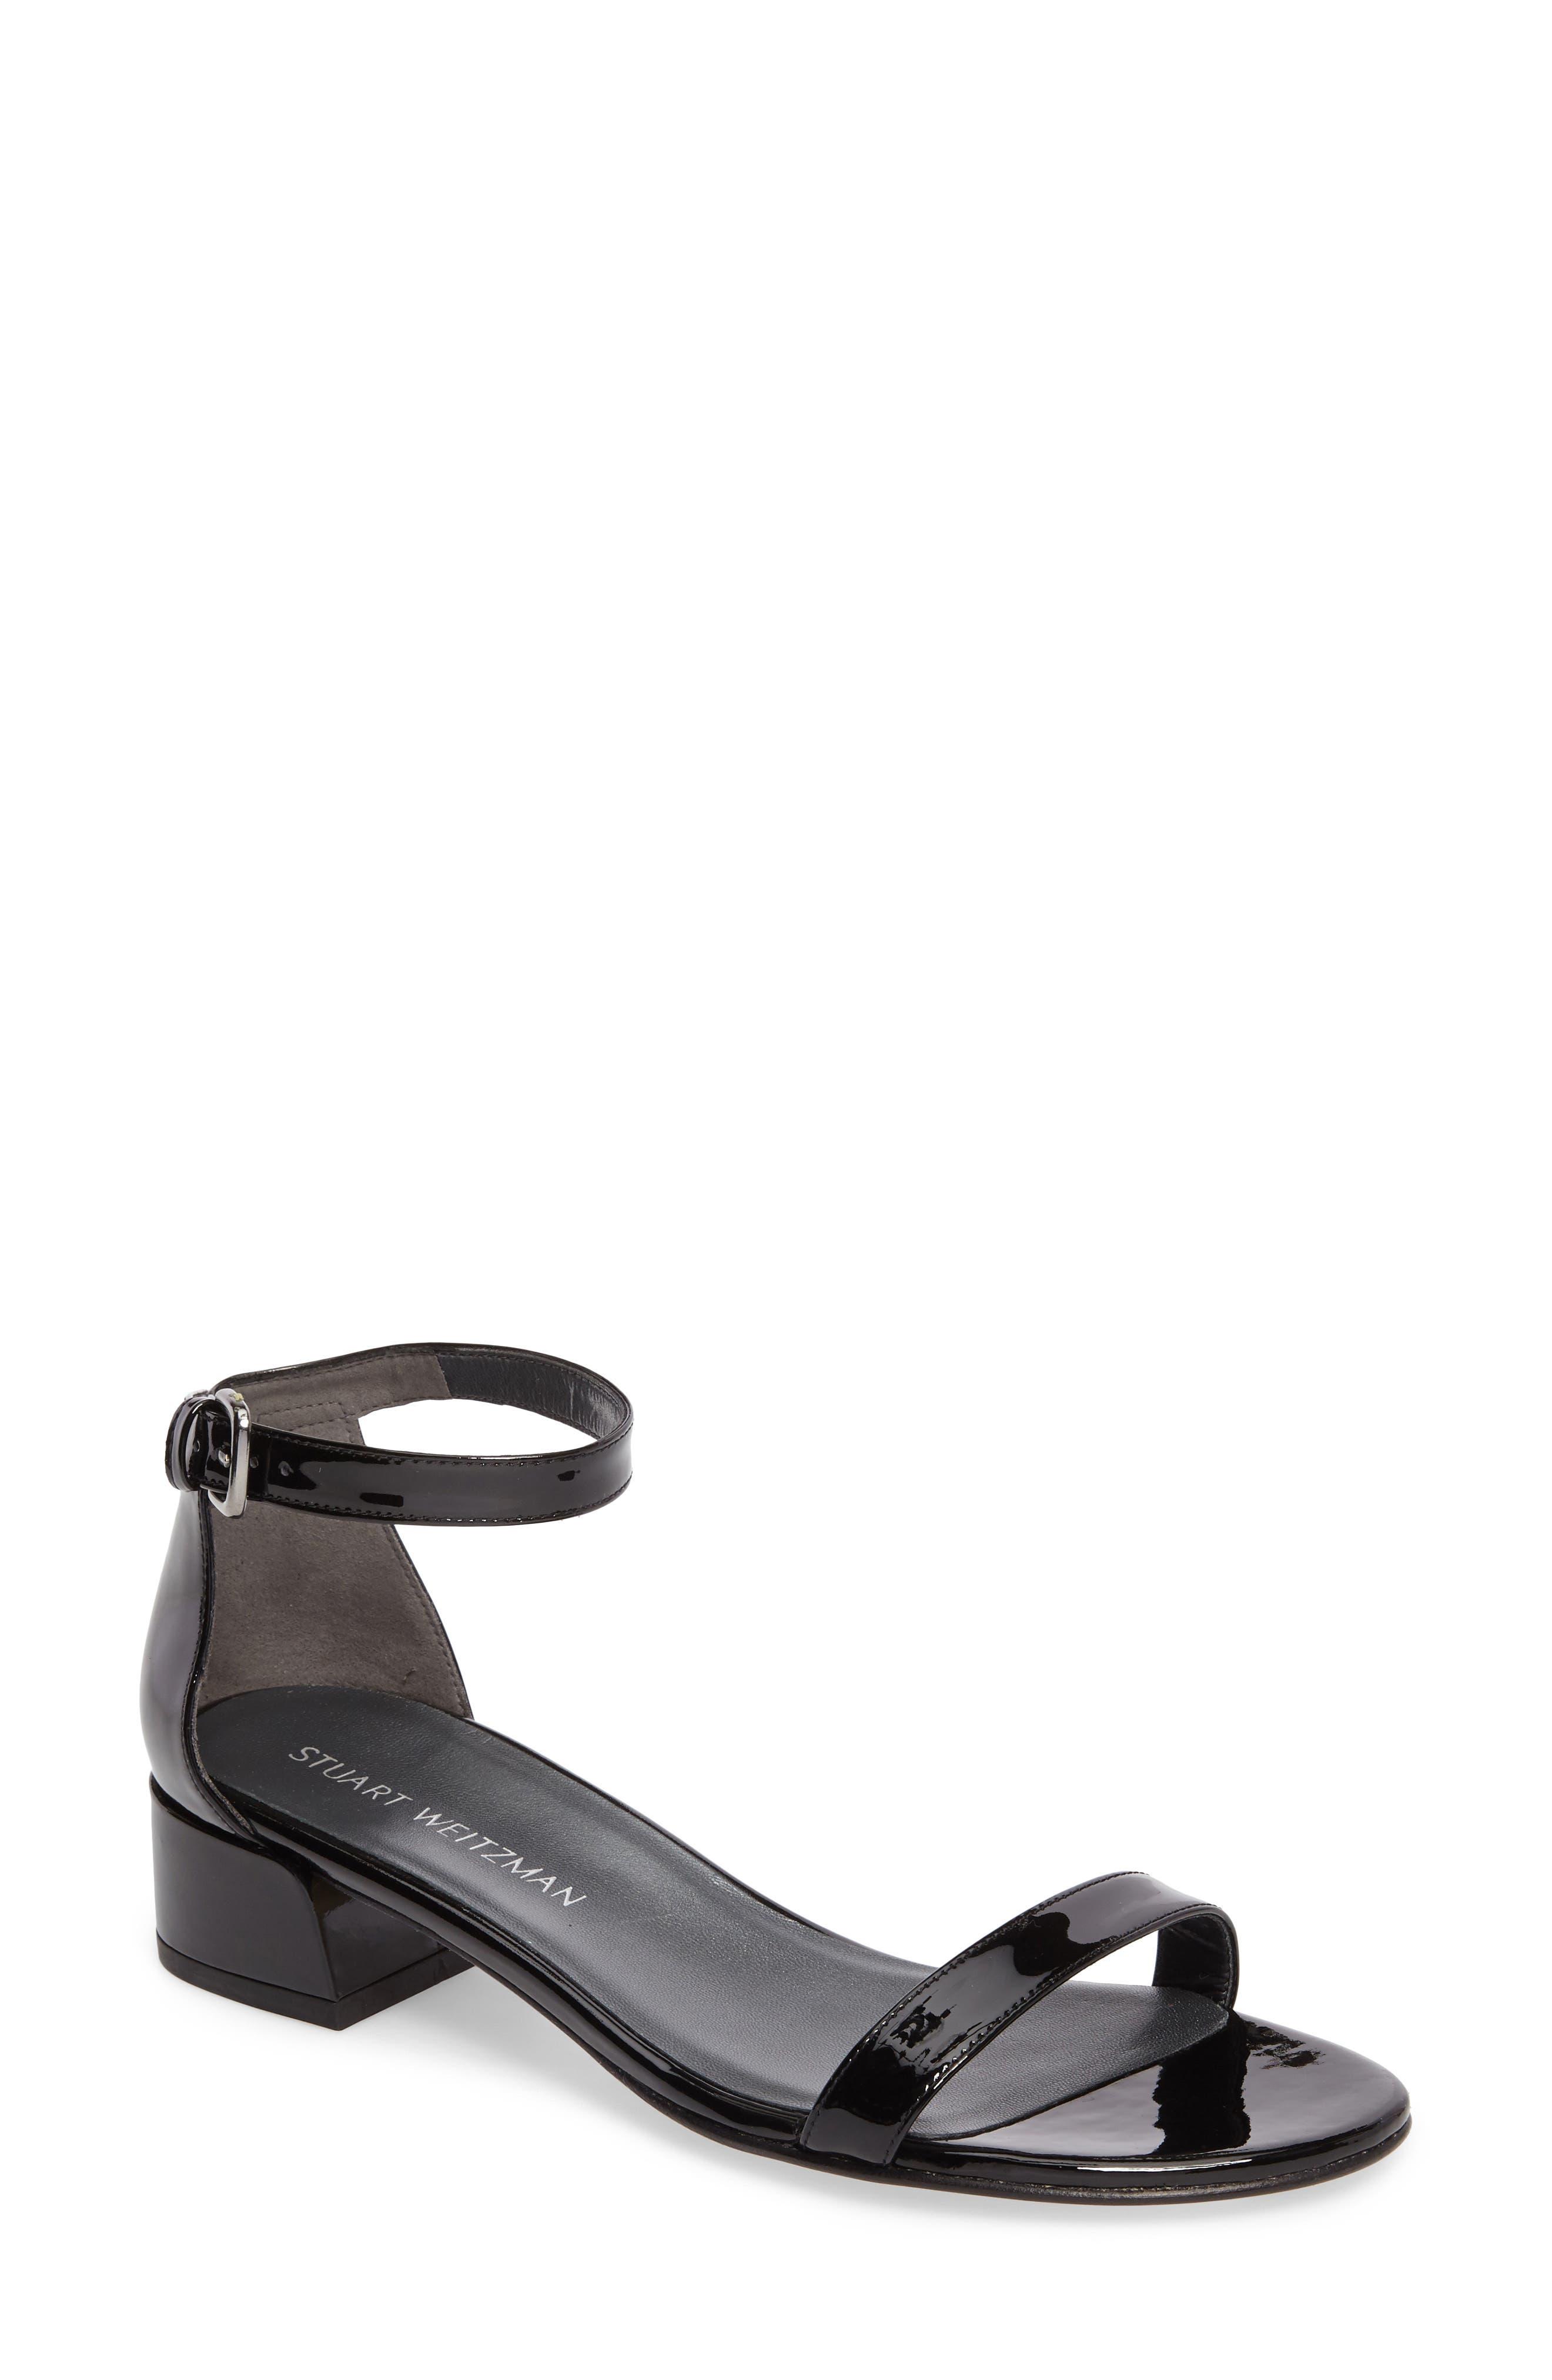 NudistJune Block Heel Sandal,                         Main,                         color, Black Patent